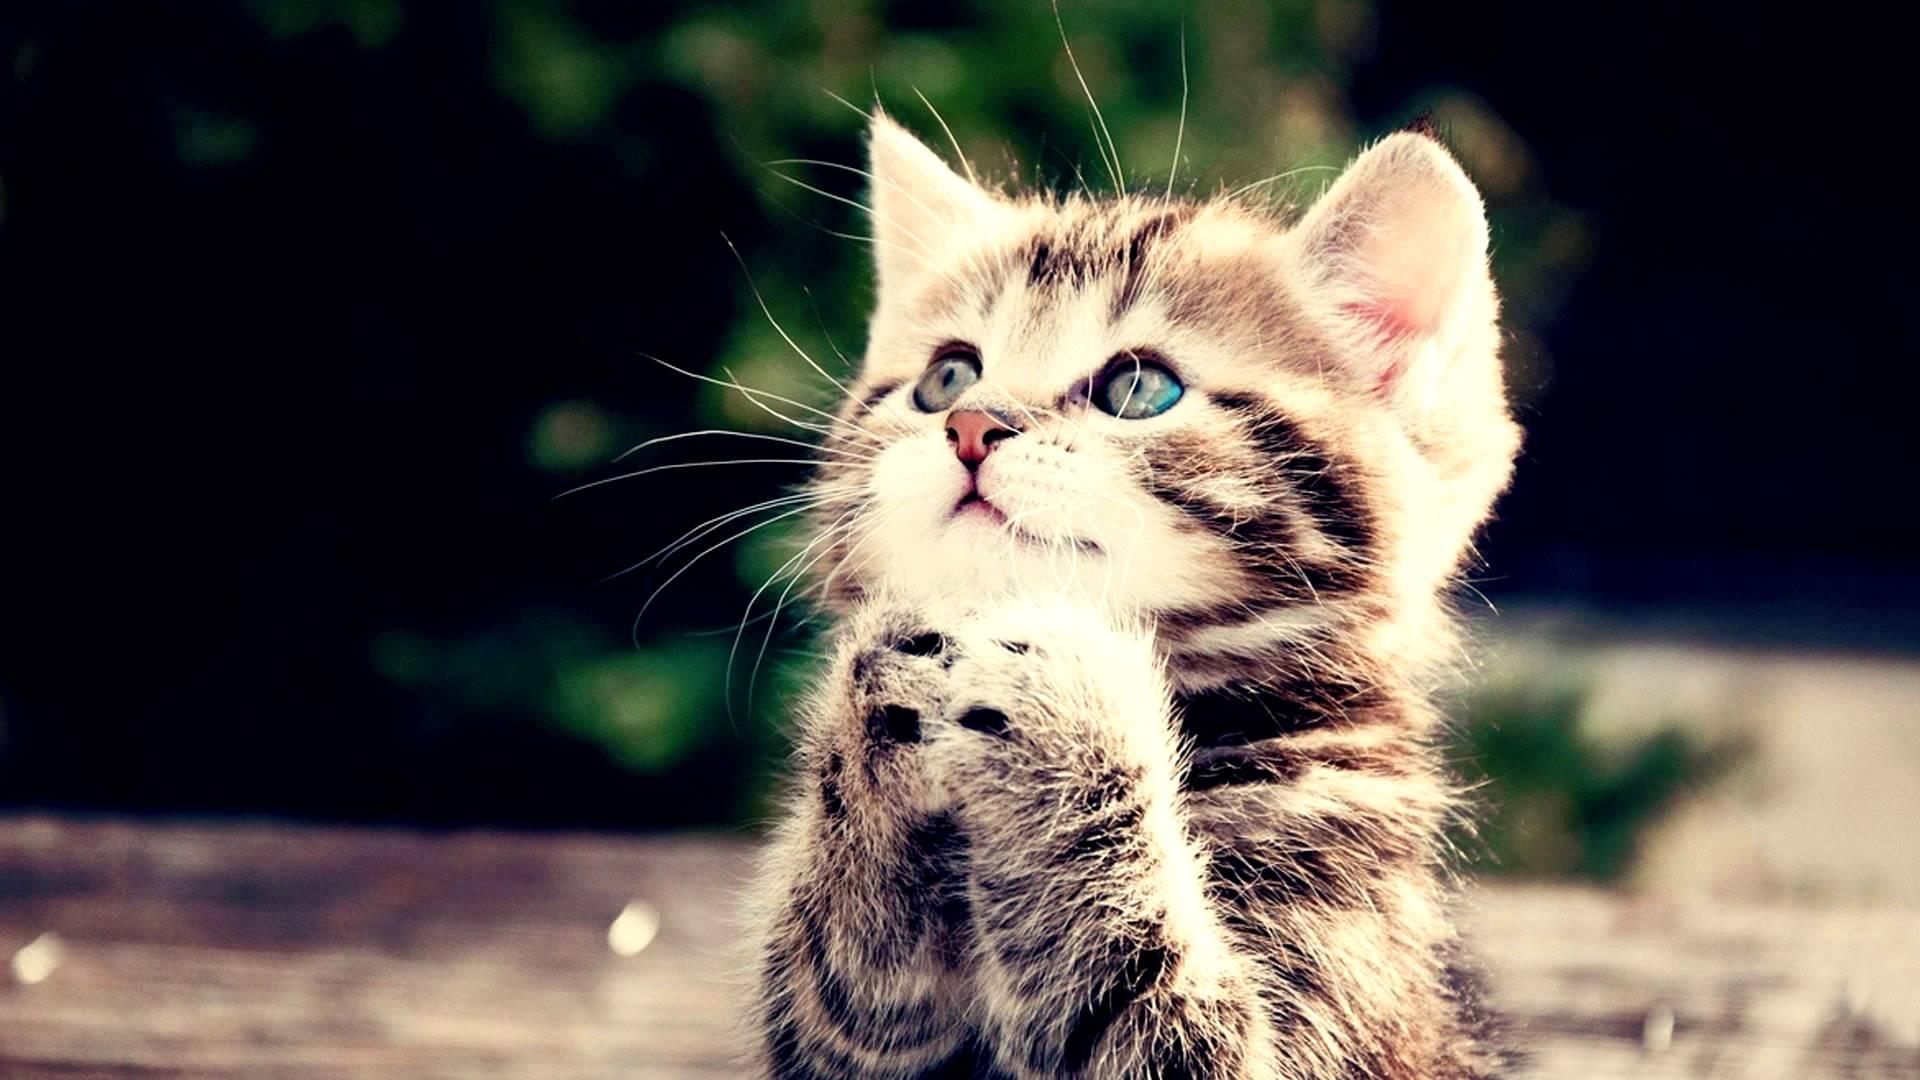 Cute kittens #10